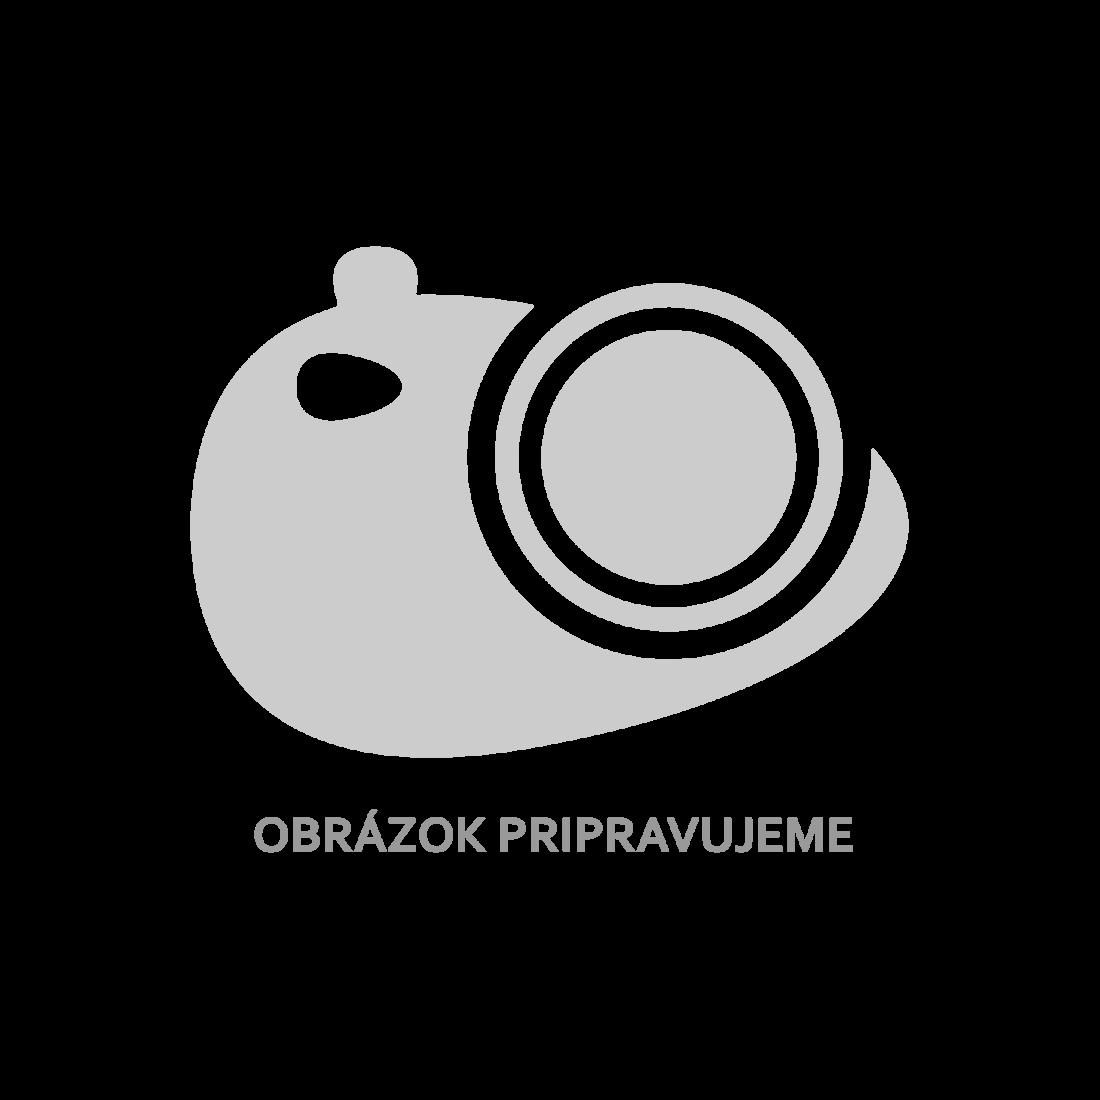 vidaXL Zahradní jídelní stůl černý 200 x 150 x 74 cm polyratan [46129]